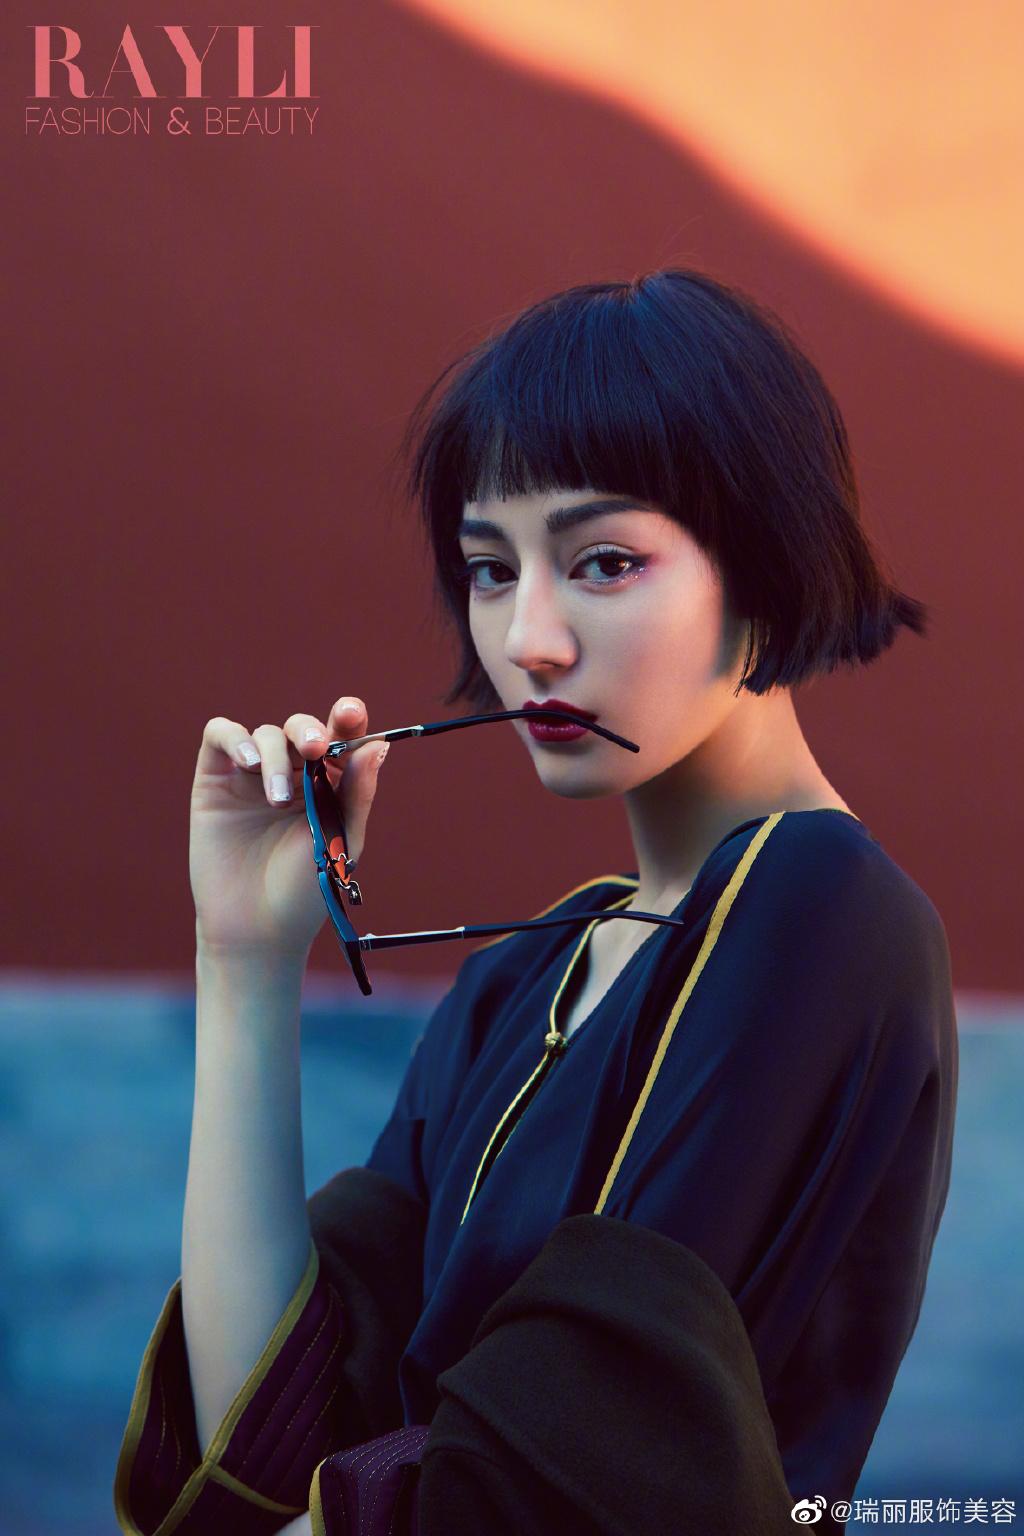 迪丽热巴国风杂志大片曝光,齐耳短发精致妆容可爱复古